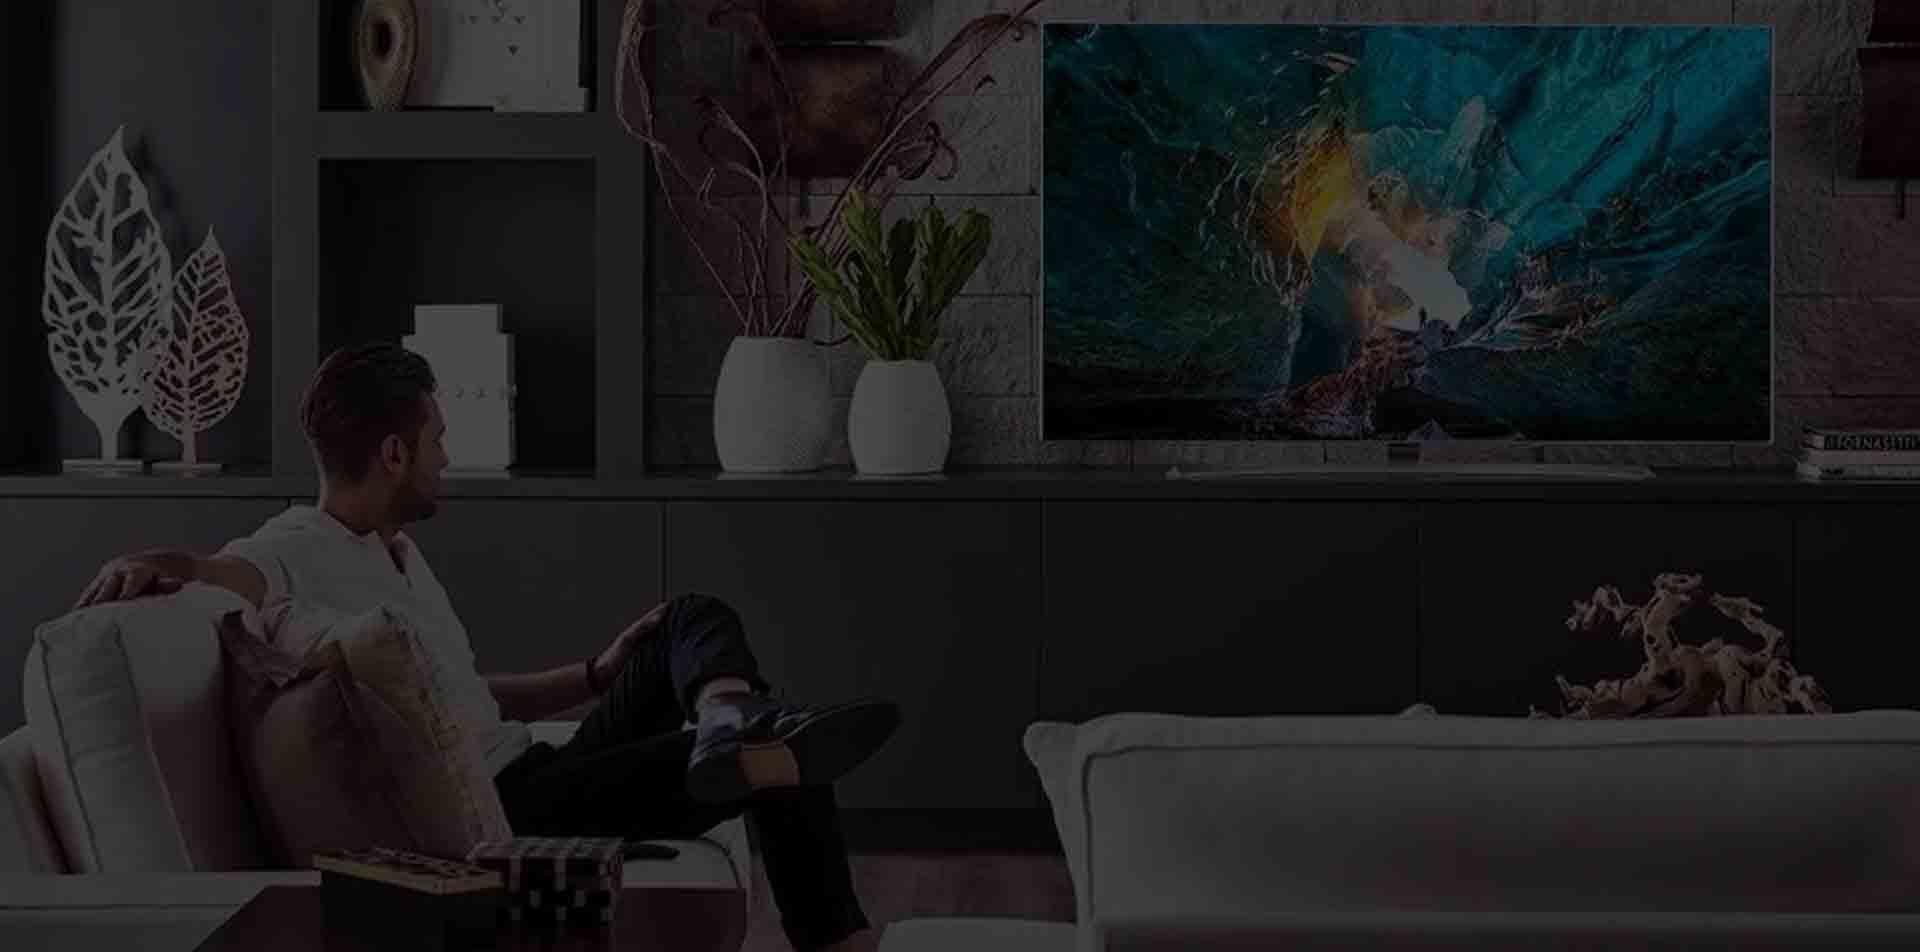 تعمیر تلویزیون توشیبا در منزل